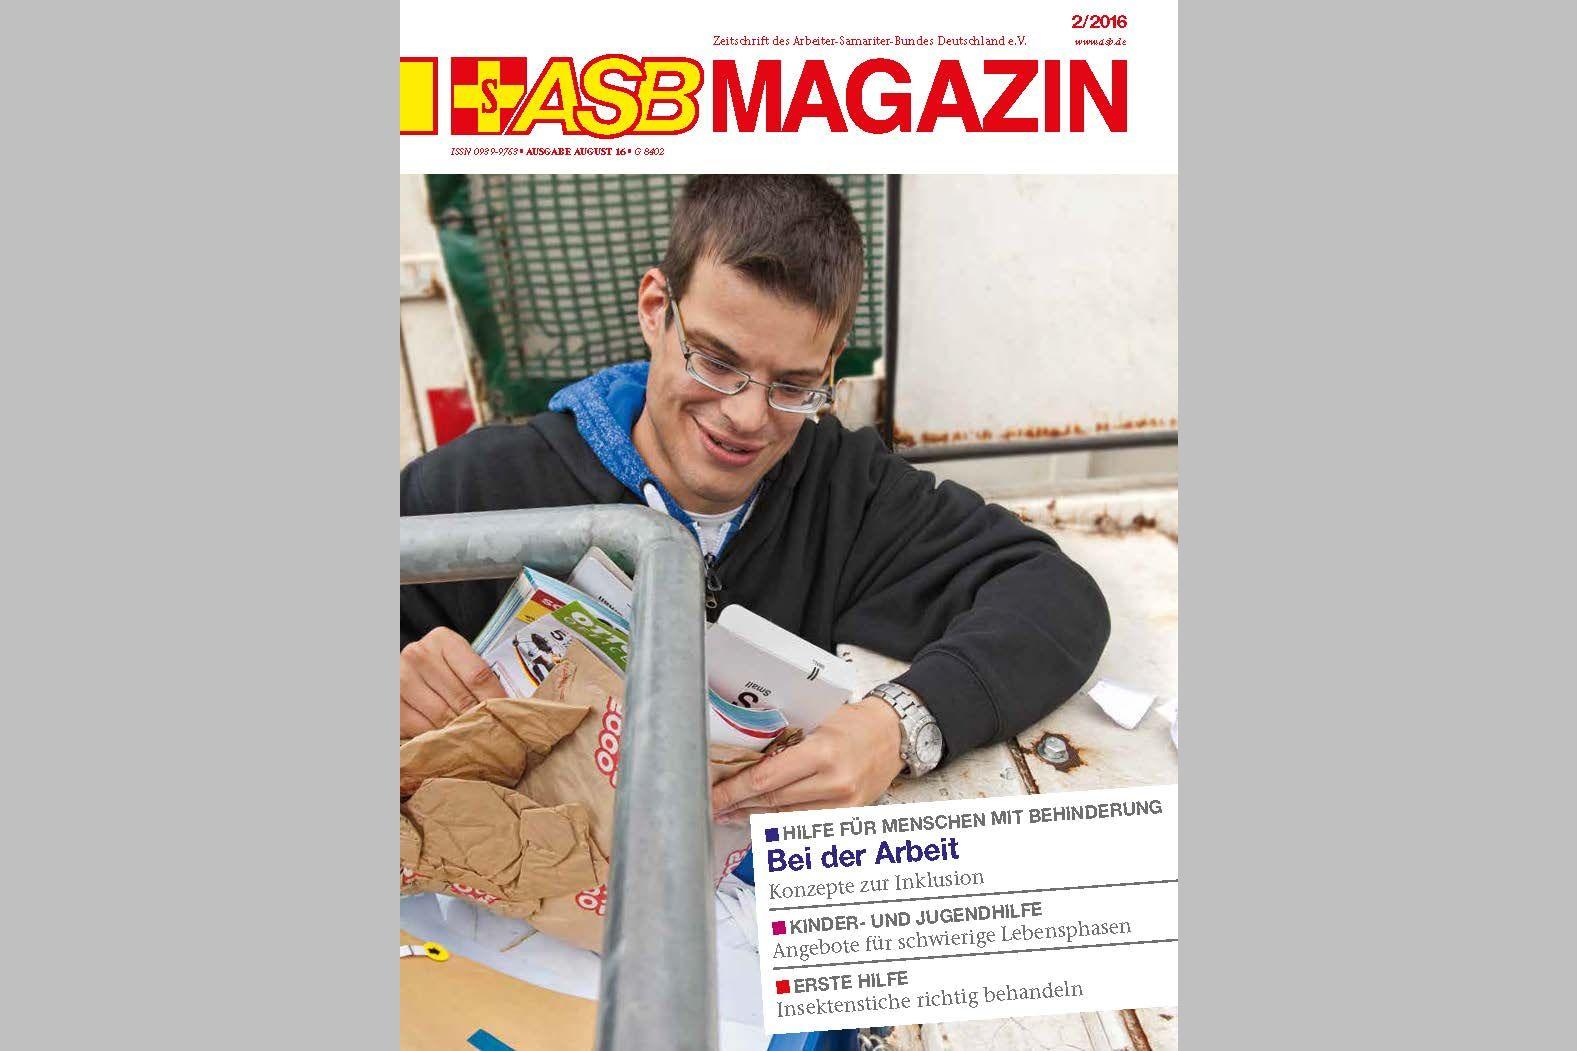 Das neue ASB Magazin ist da